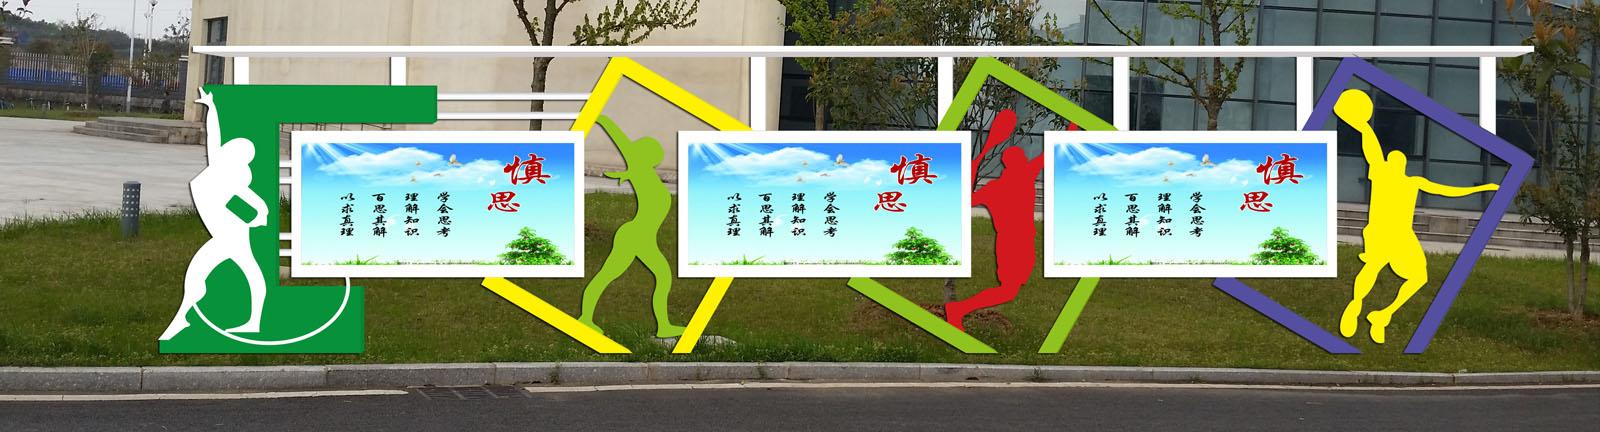 上海公交候车亭